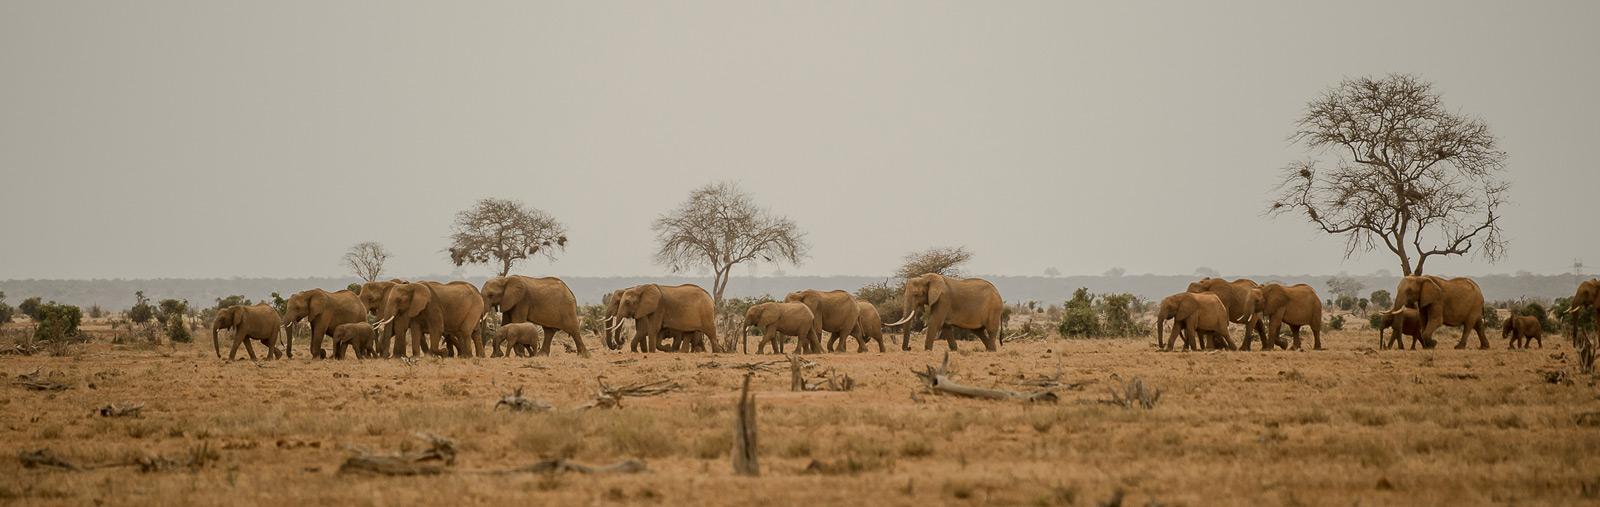 elephant-pano-tsavo